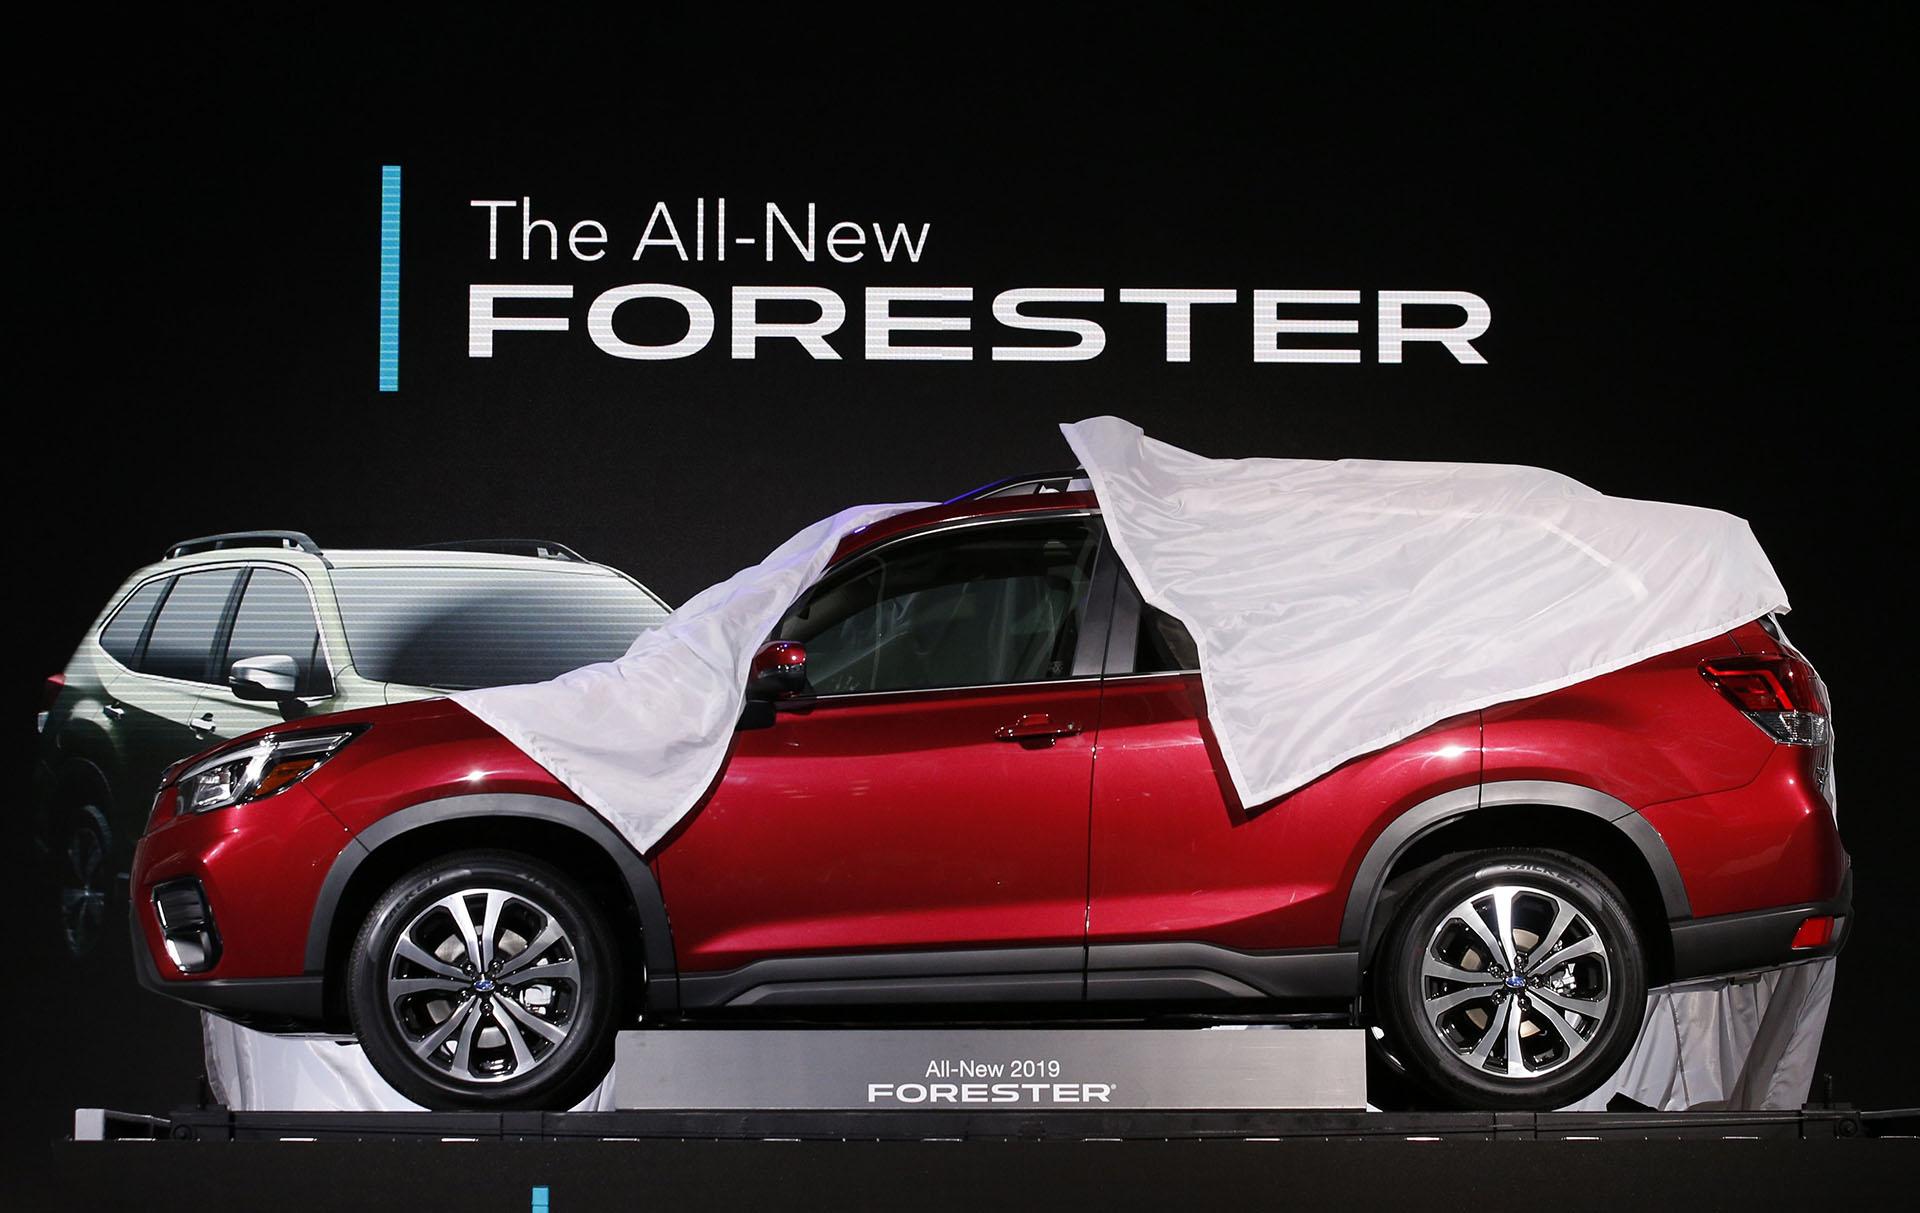 Subaru renovó el Forester tras cinco años. La quinta generación del modelo insignia de la marca japonesa conserva la estética tradicional, con leves cambios de adaptación al lenguaje de diseño moderno. El Subaru Forester 2018 potencia la polivalencia como principal característica y presenta nuevo equipamiento y tecnología